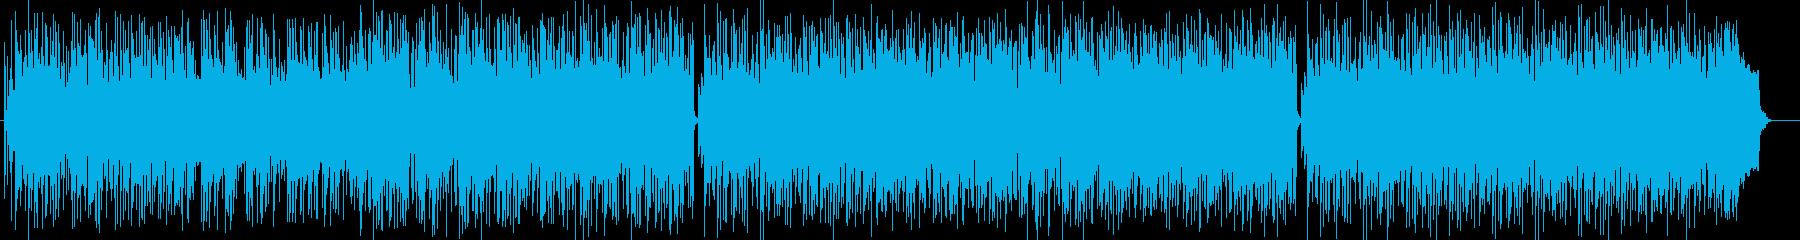 切ない大人のミディアムバラードの再生済みの波形